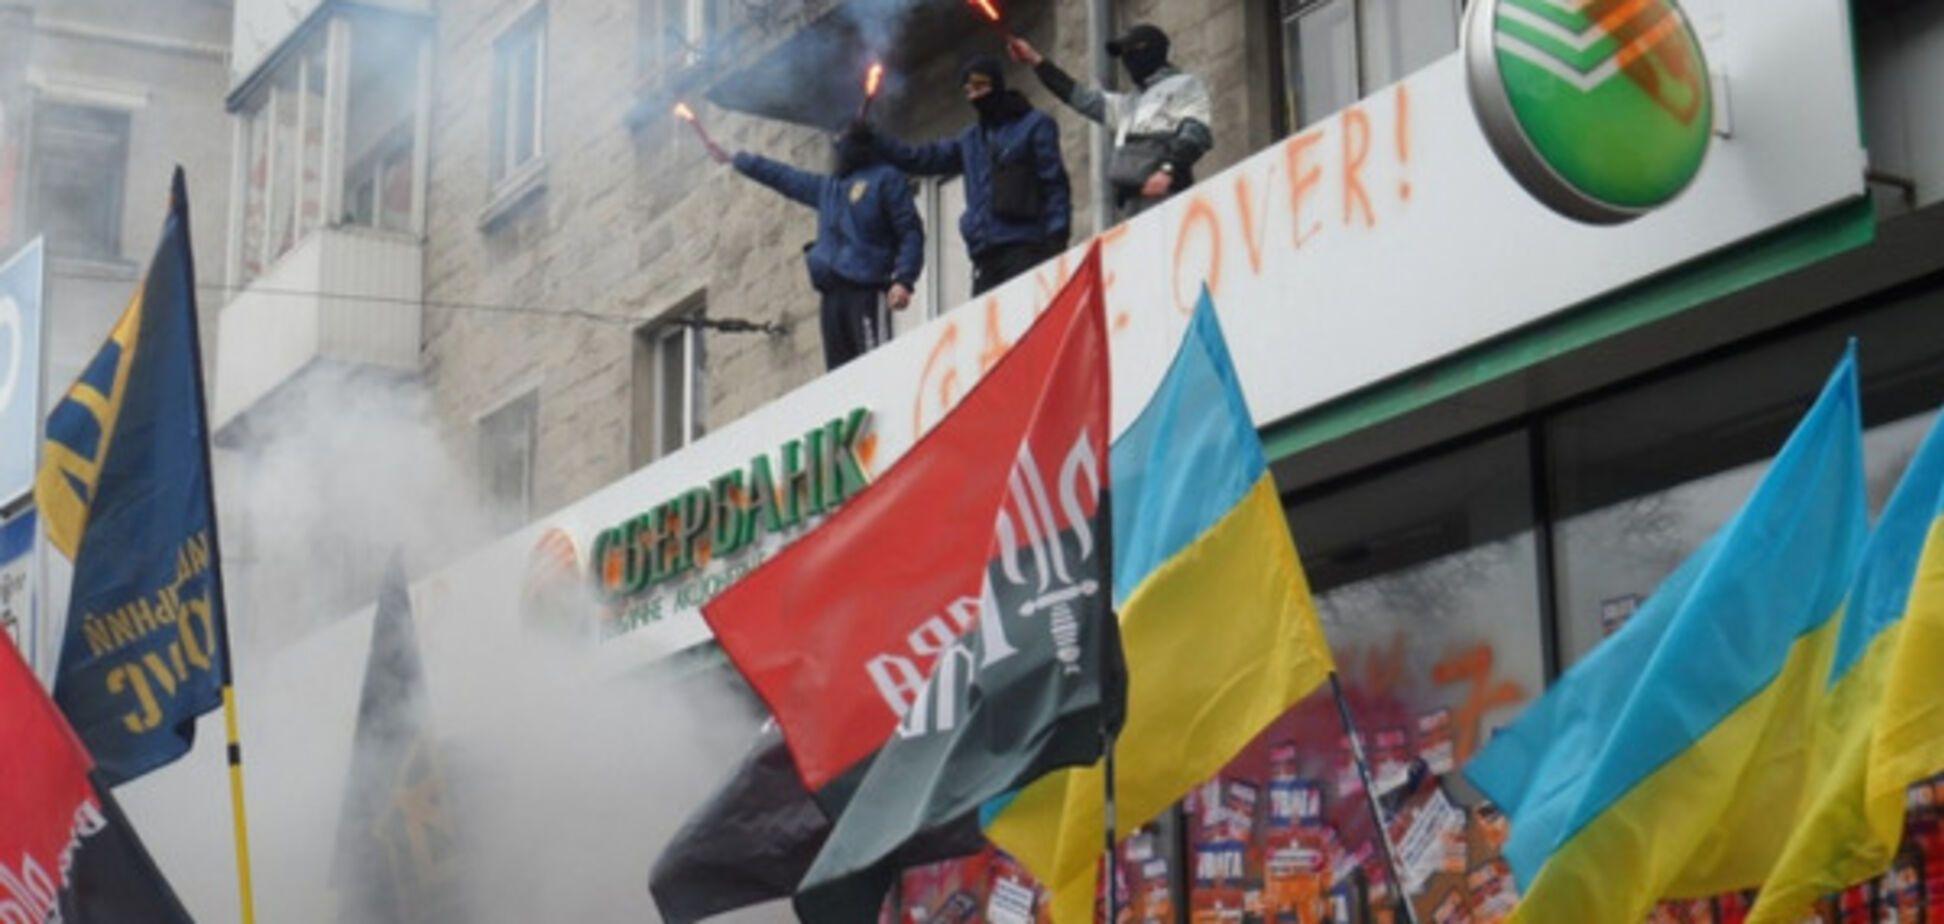 'Закінчимо це неподобство!' Націоналісти анонсували масштабну акцію в Україні